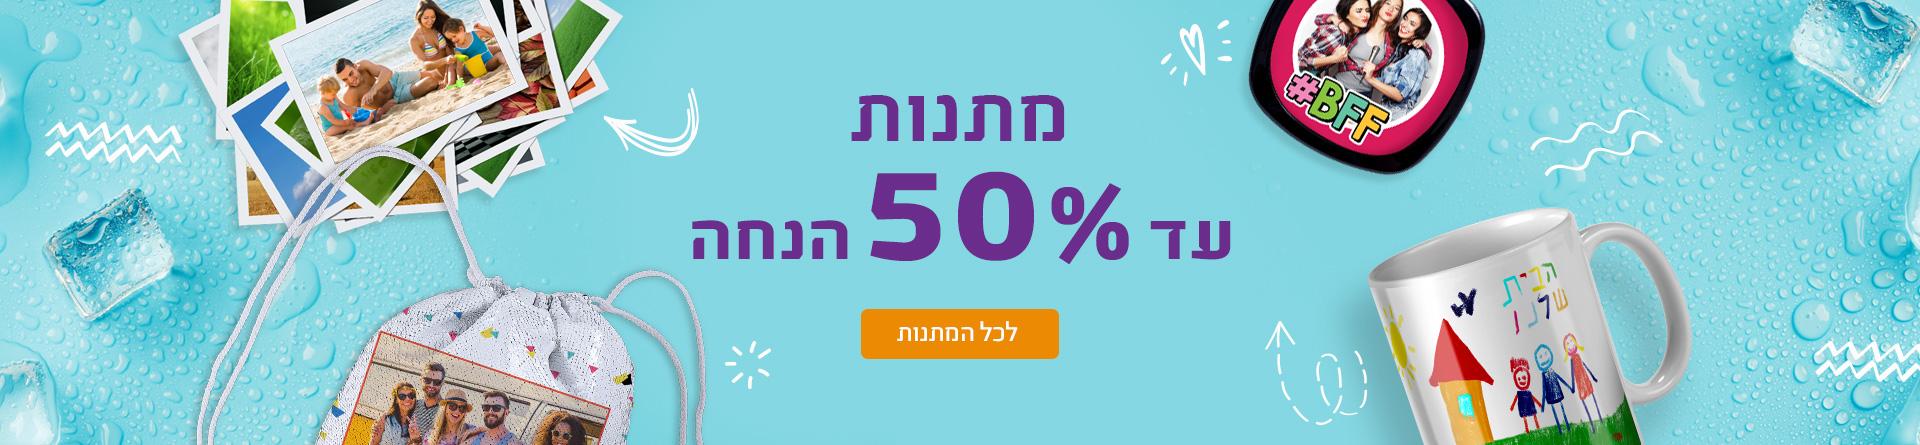 מתנות עד 50% הנחה- אוגוסט 4.8